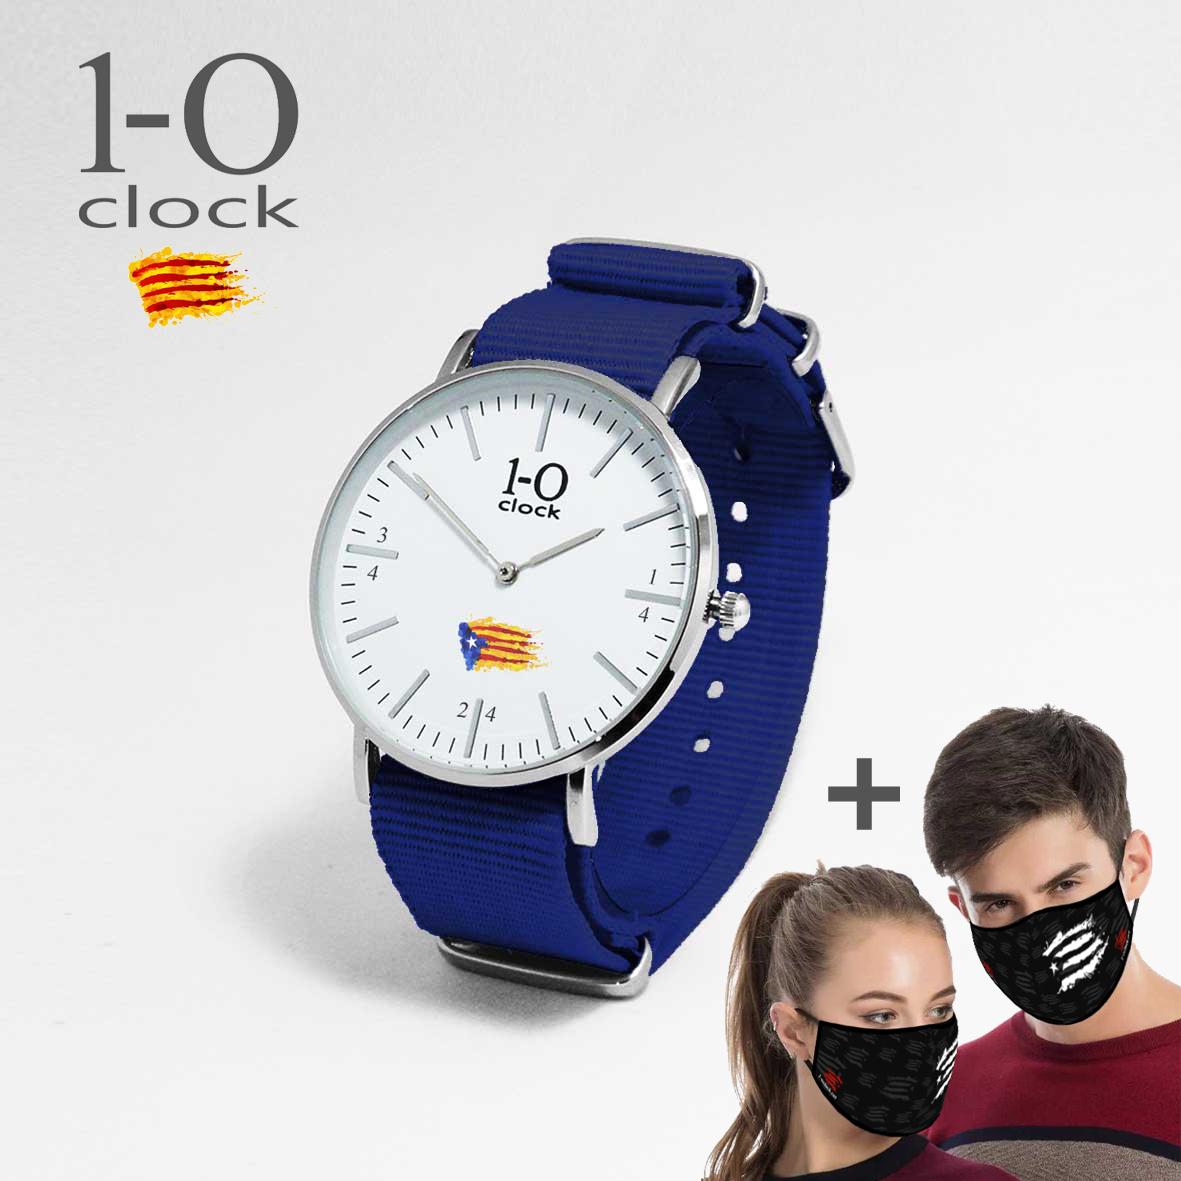 ES BLAU Q 36 Rellotge + Mascareta